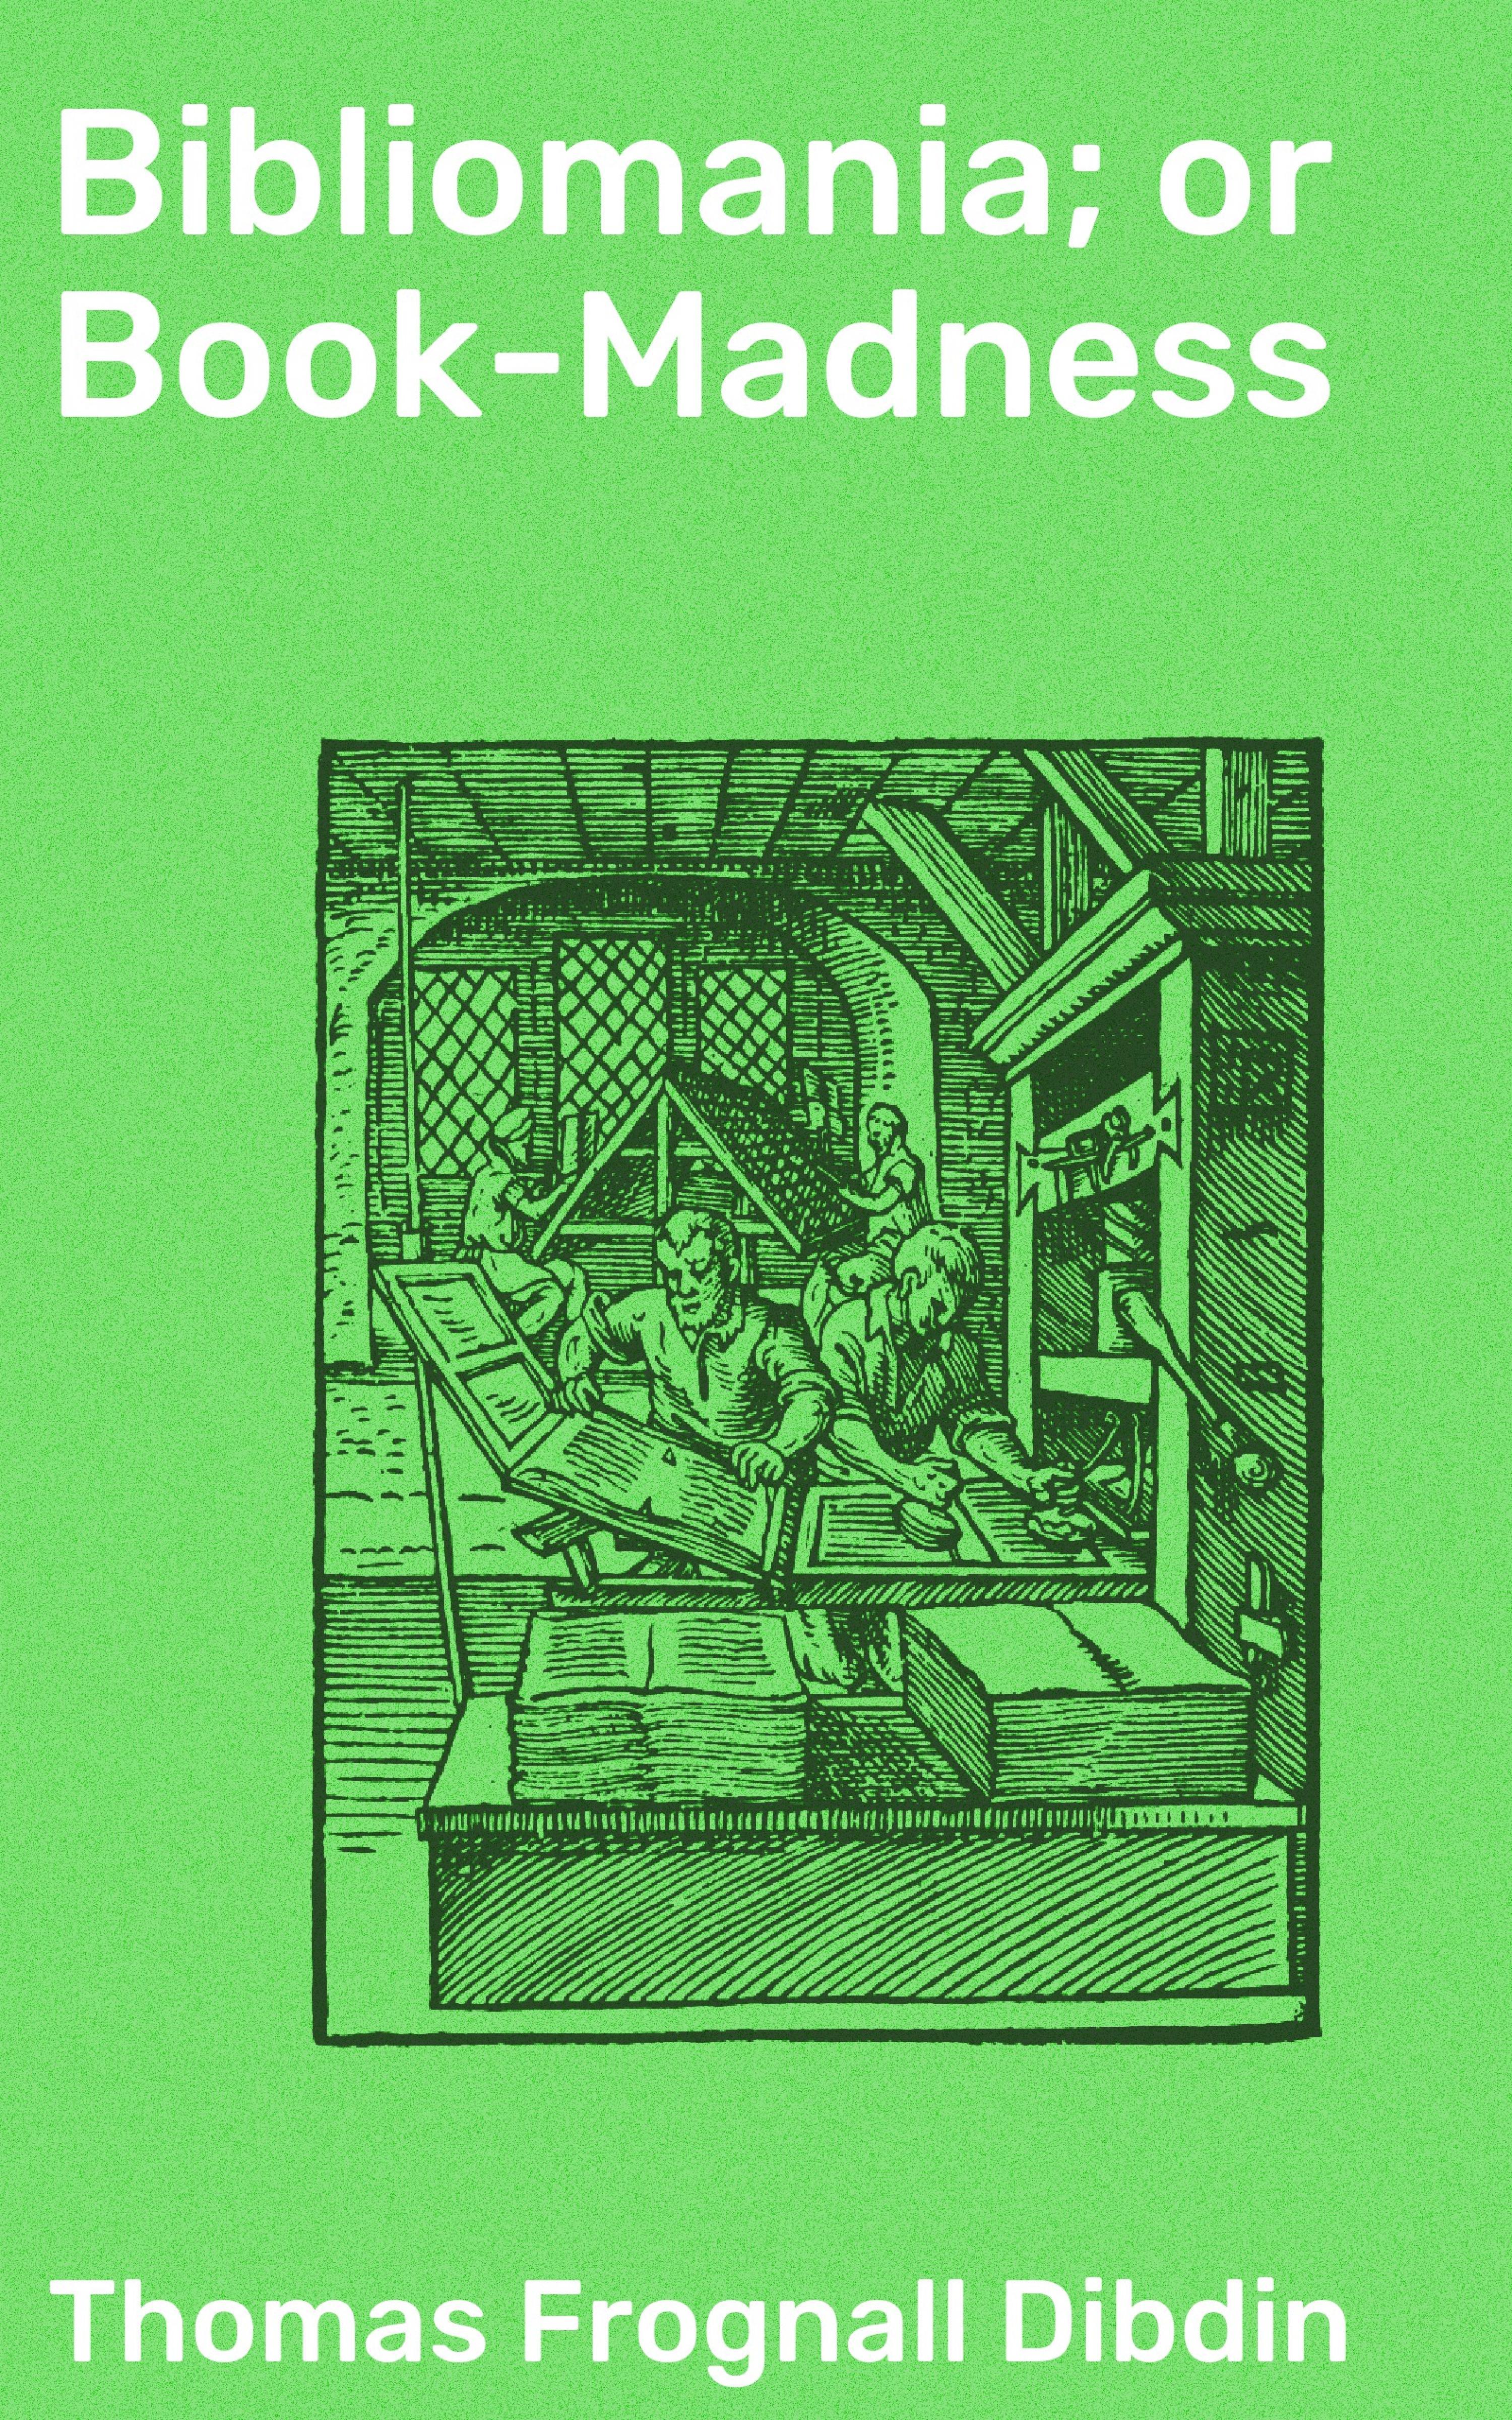 Thomas Frognall Dibdin Bibliomania; or Book-Madness thomas frognall dibdin bibliotheca spenceriana vol 2